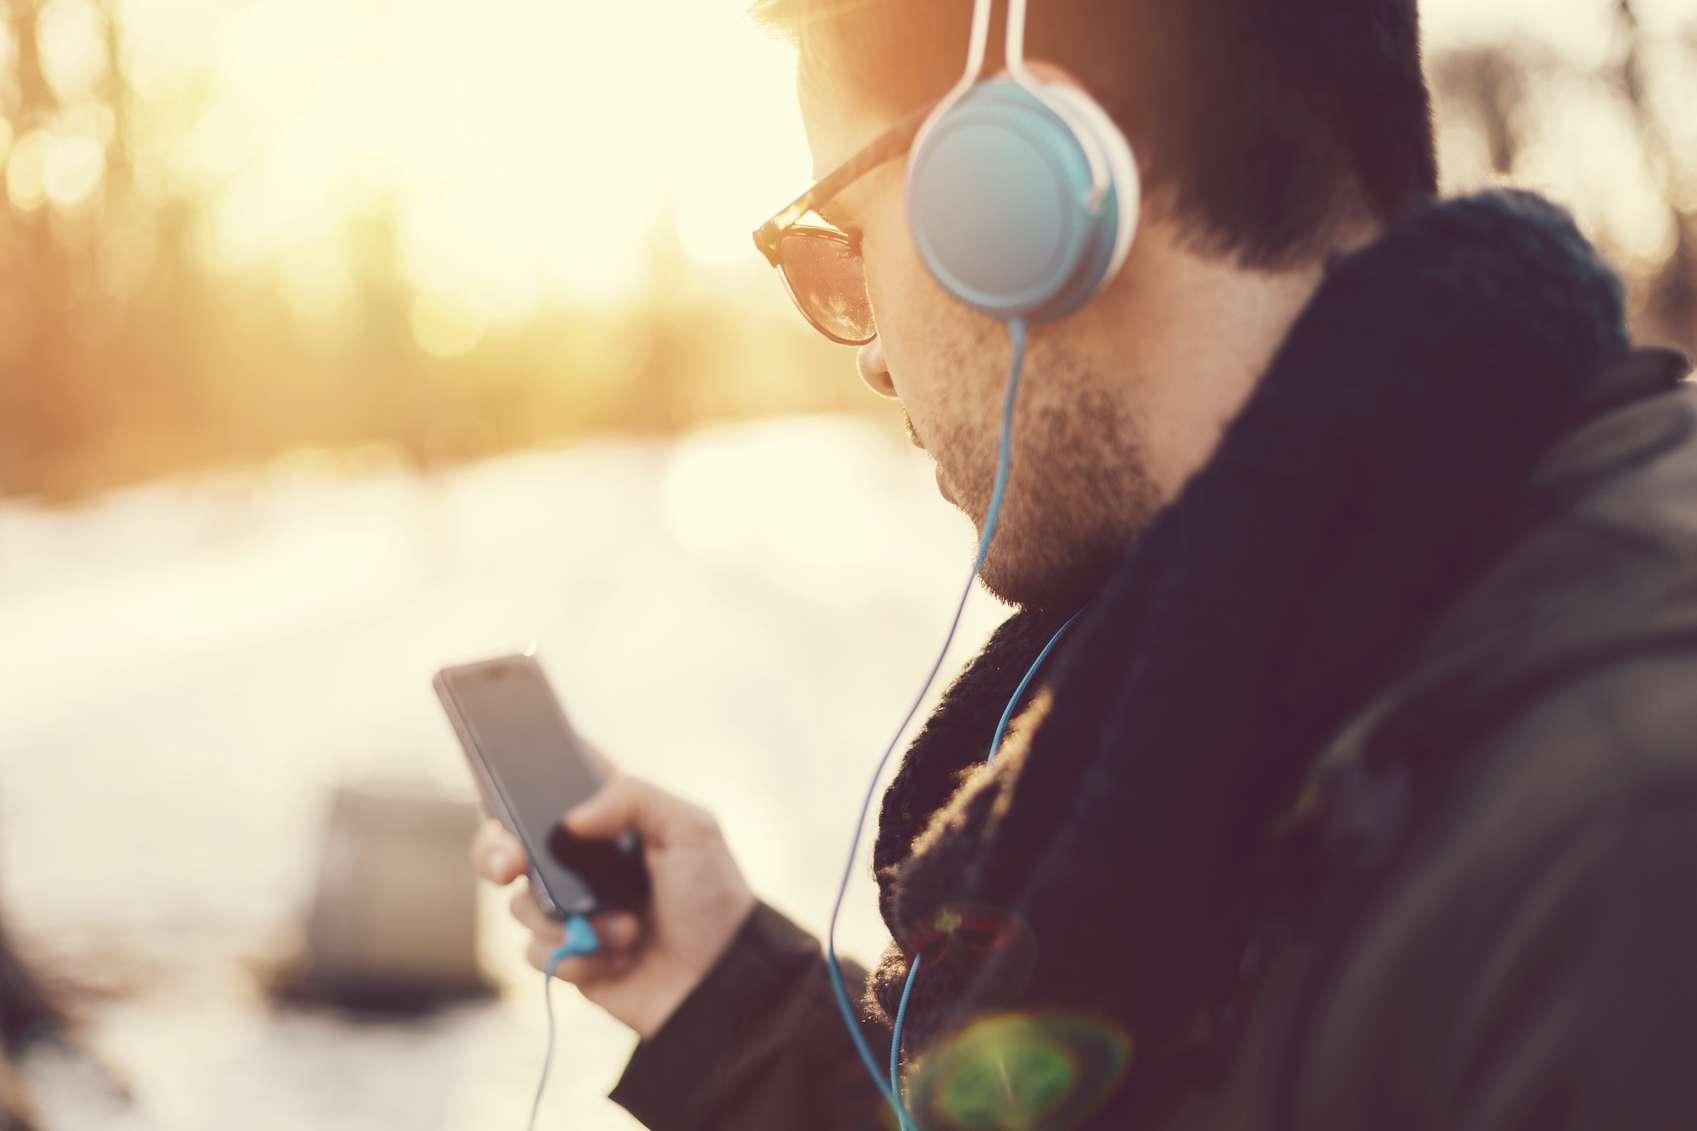 « Un jeune sur deux écoute des sons à des niveaux nuisibles en utilisant son appareil audio personnel », et risque à terme de souffrir de pertes auditives, selon l'OMS. © Martin Dimitrov/Istock.com